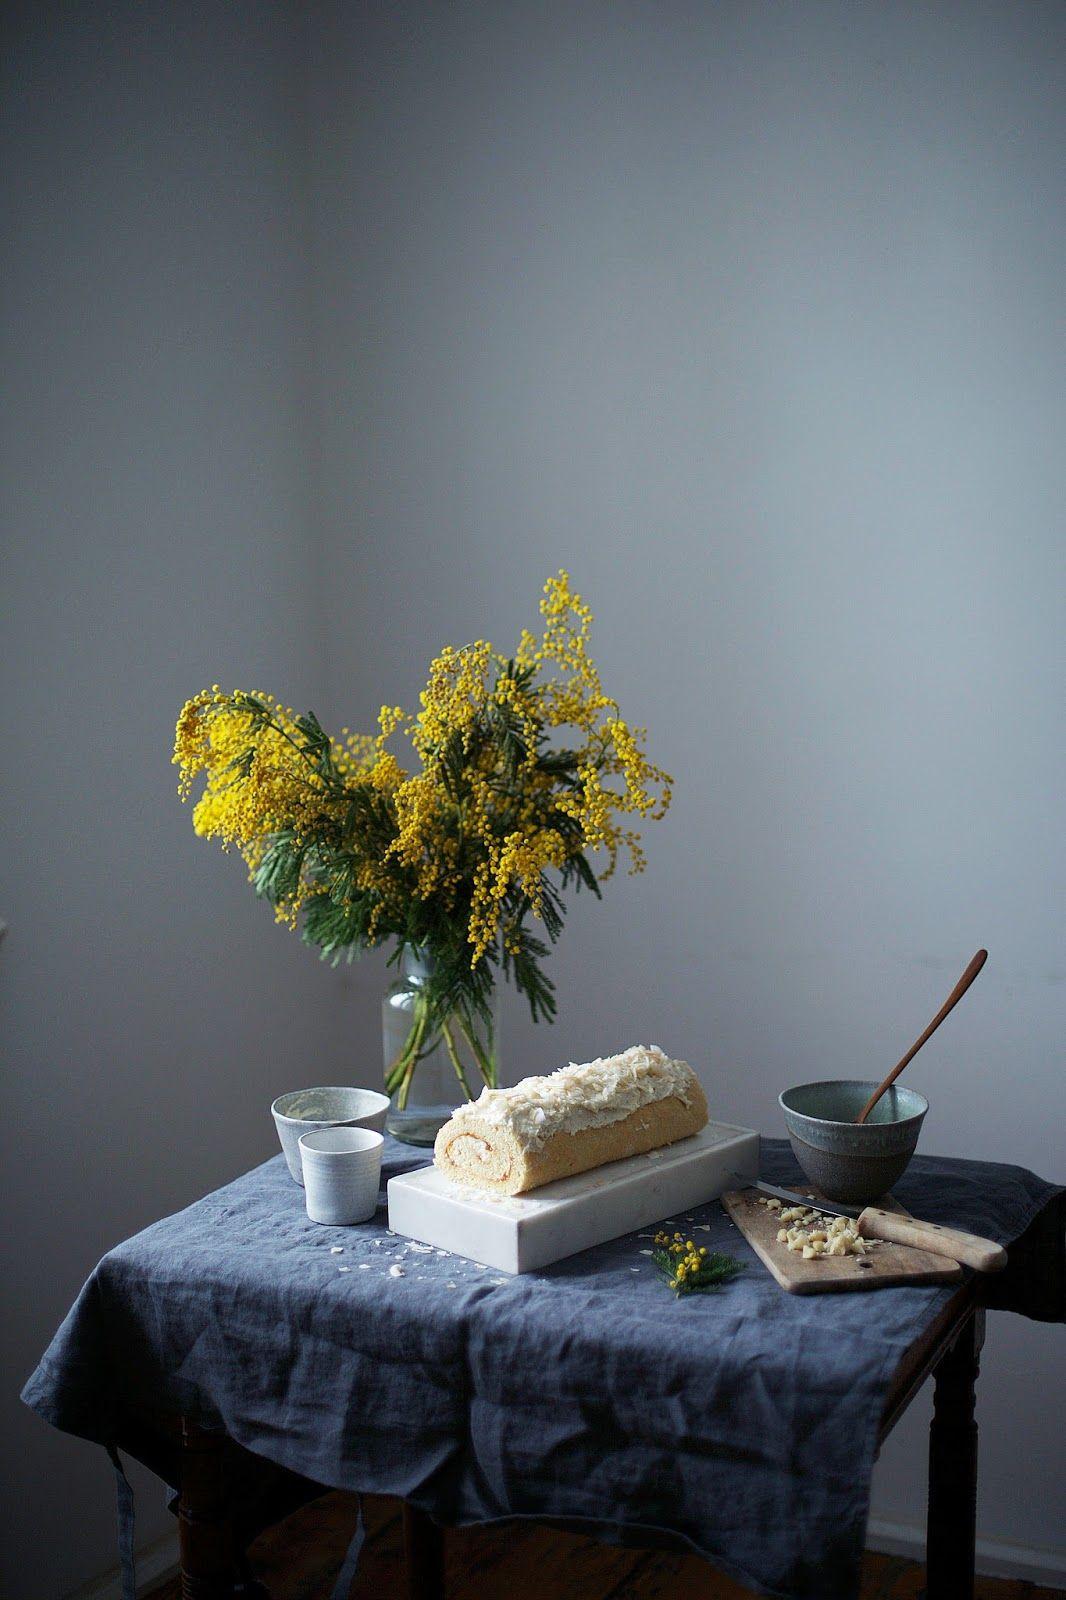 nuestras historias alimentos: glutenfree macadamia - jengibre - rodillo suizo de albaricoque con copos de coco